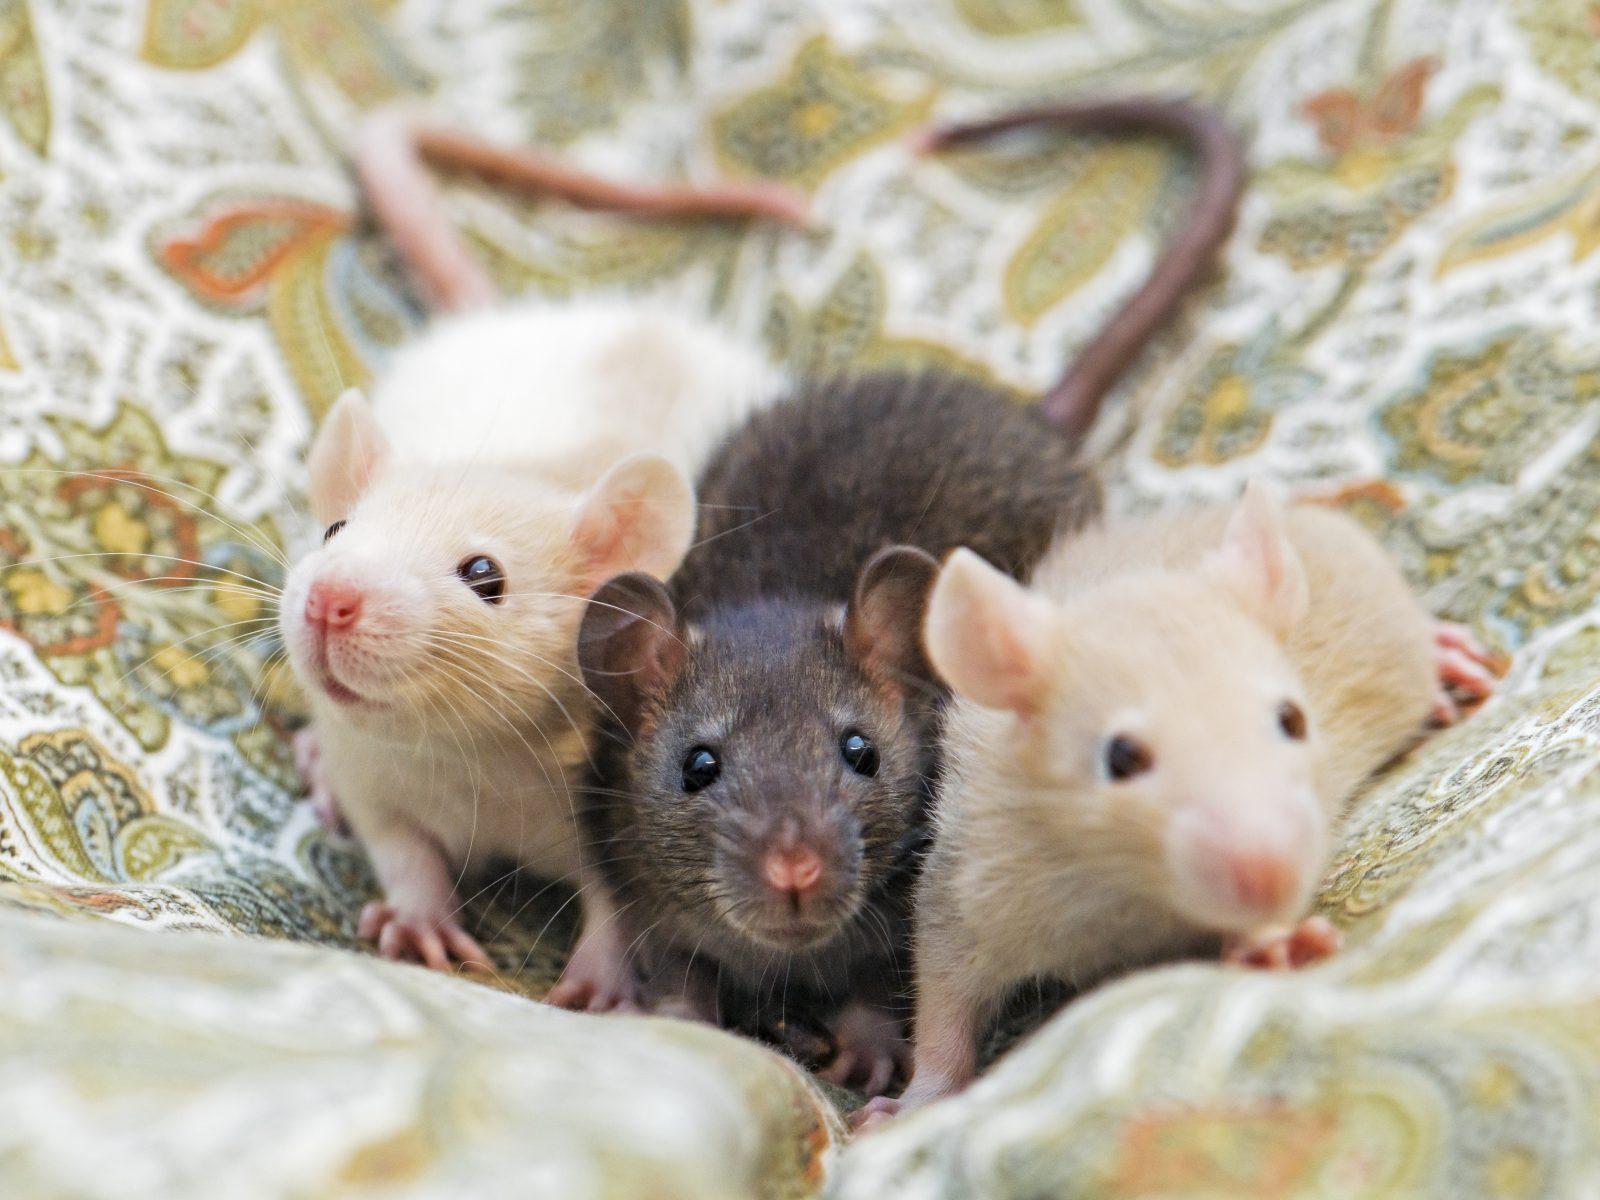 Building demolition halted due to rat infestation